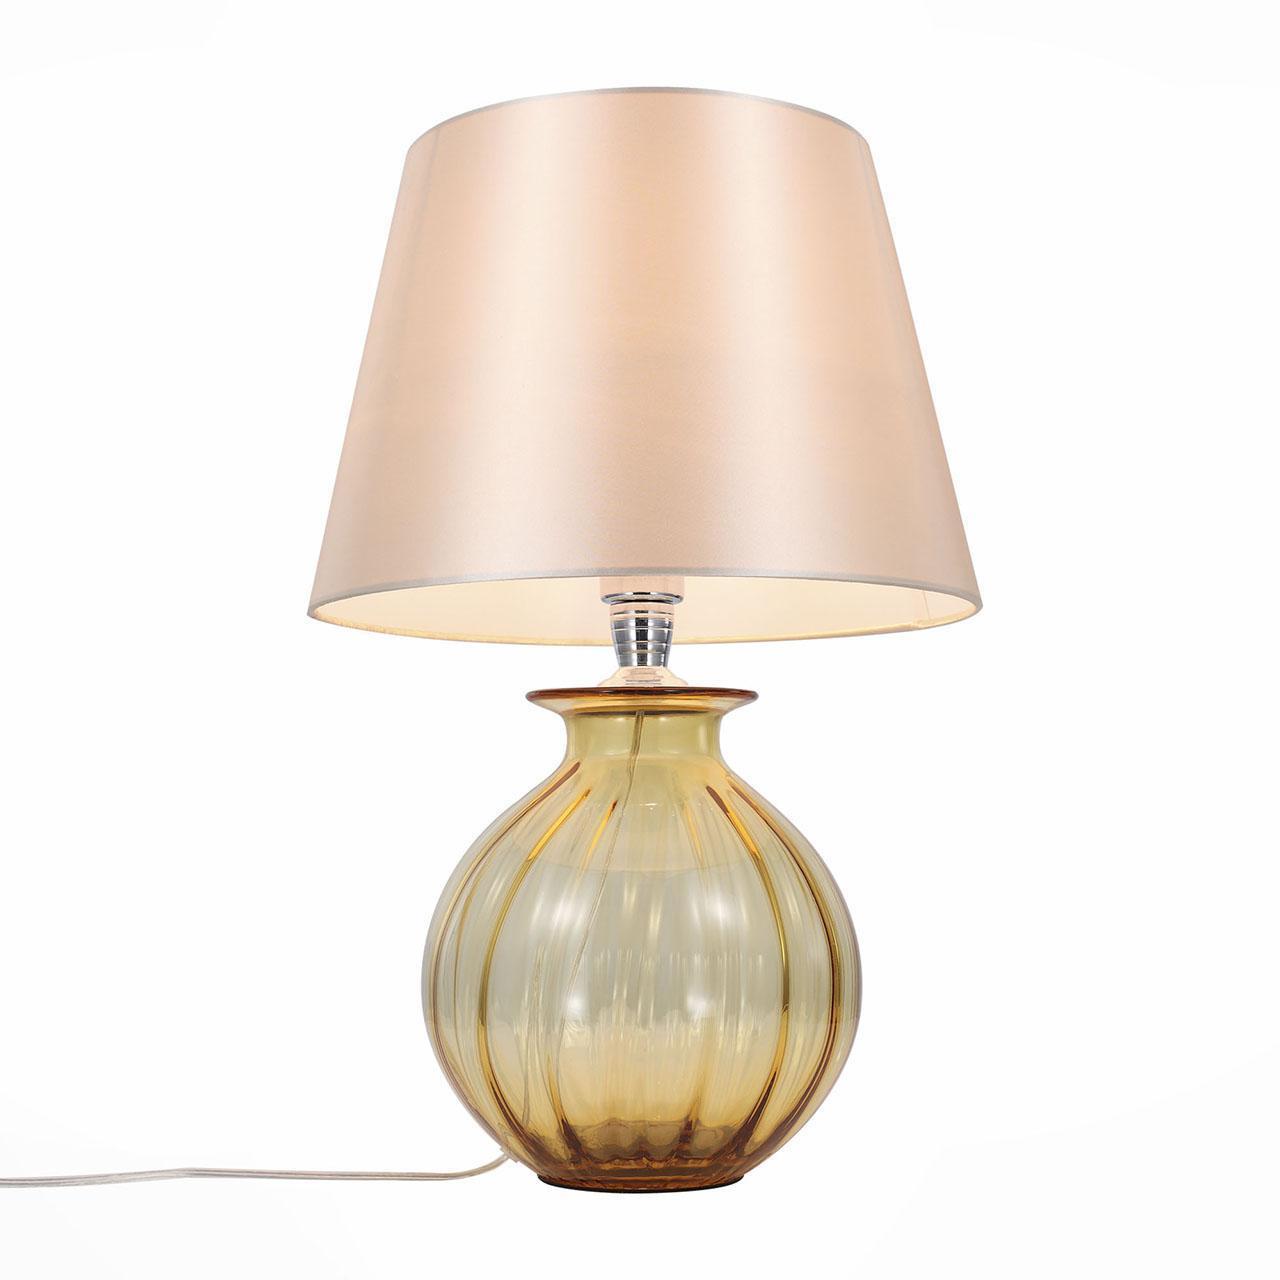 Настольный светильник ST Luce SL968.904.01, бежевый лампа настольная декоративная st luce calma sl968 604 01